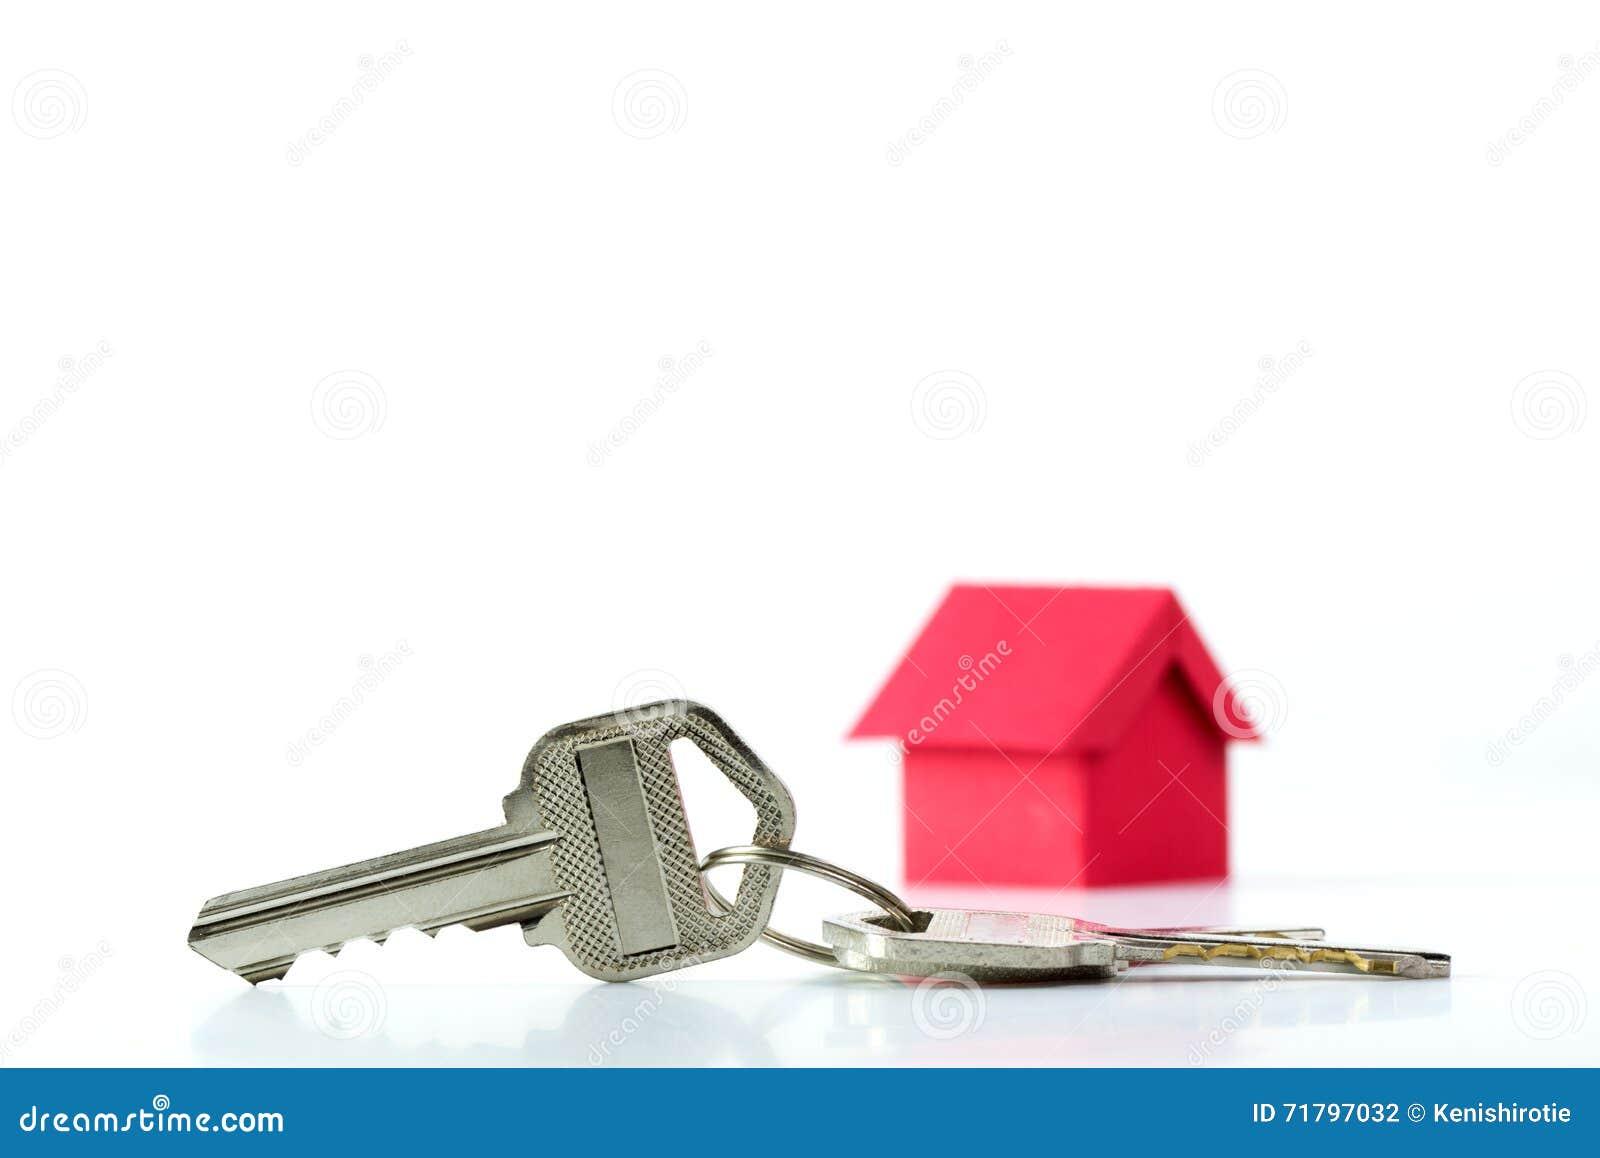 Domowy klucz dla nieruchomości pojęcia